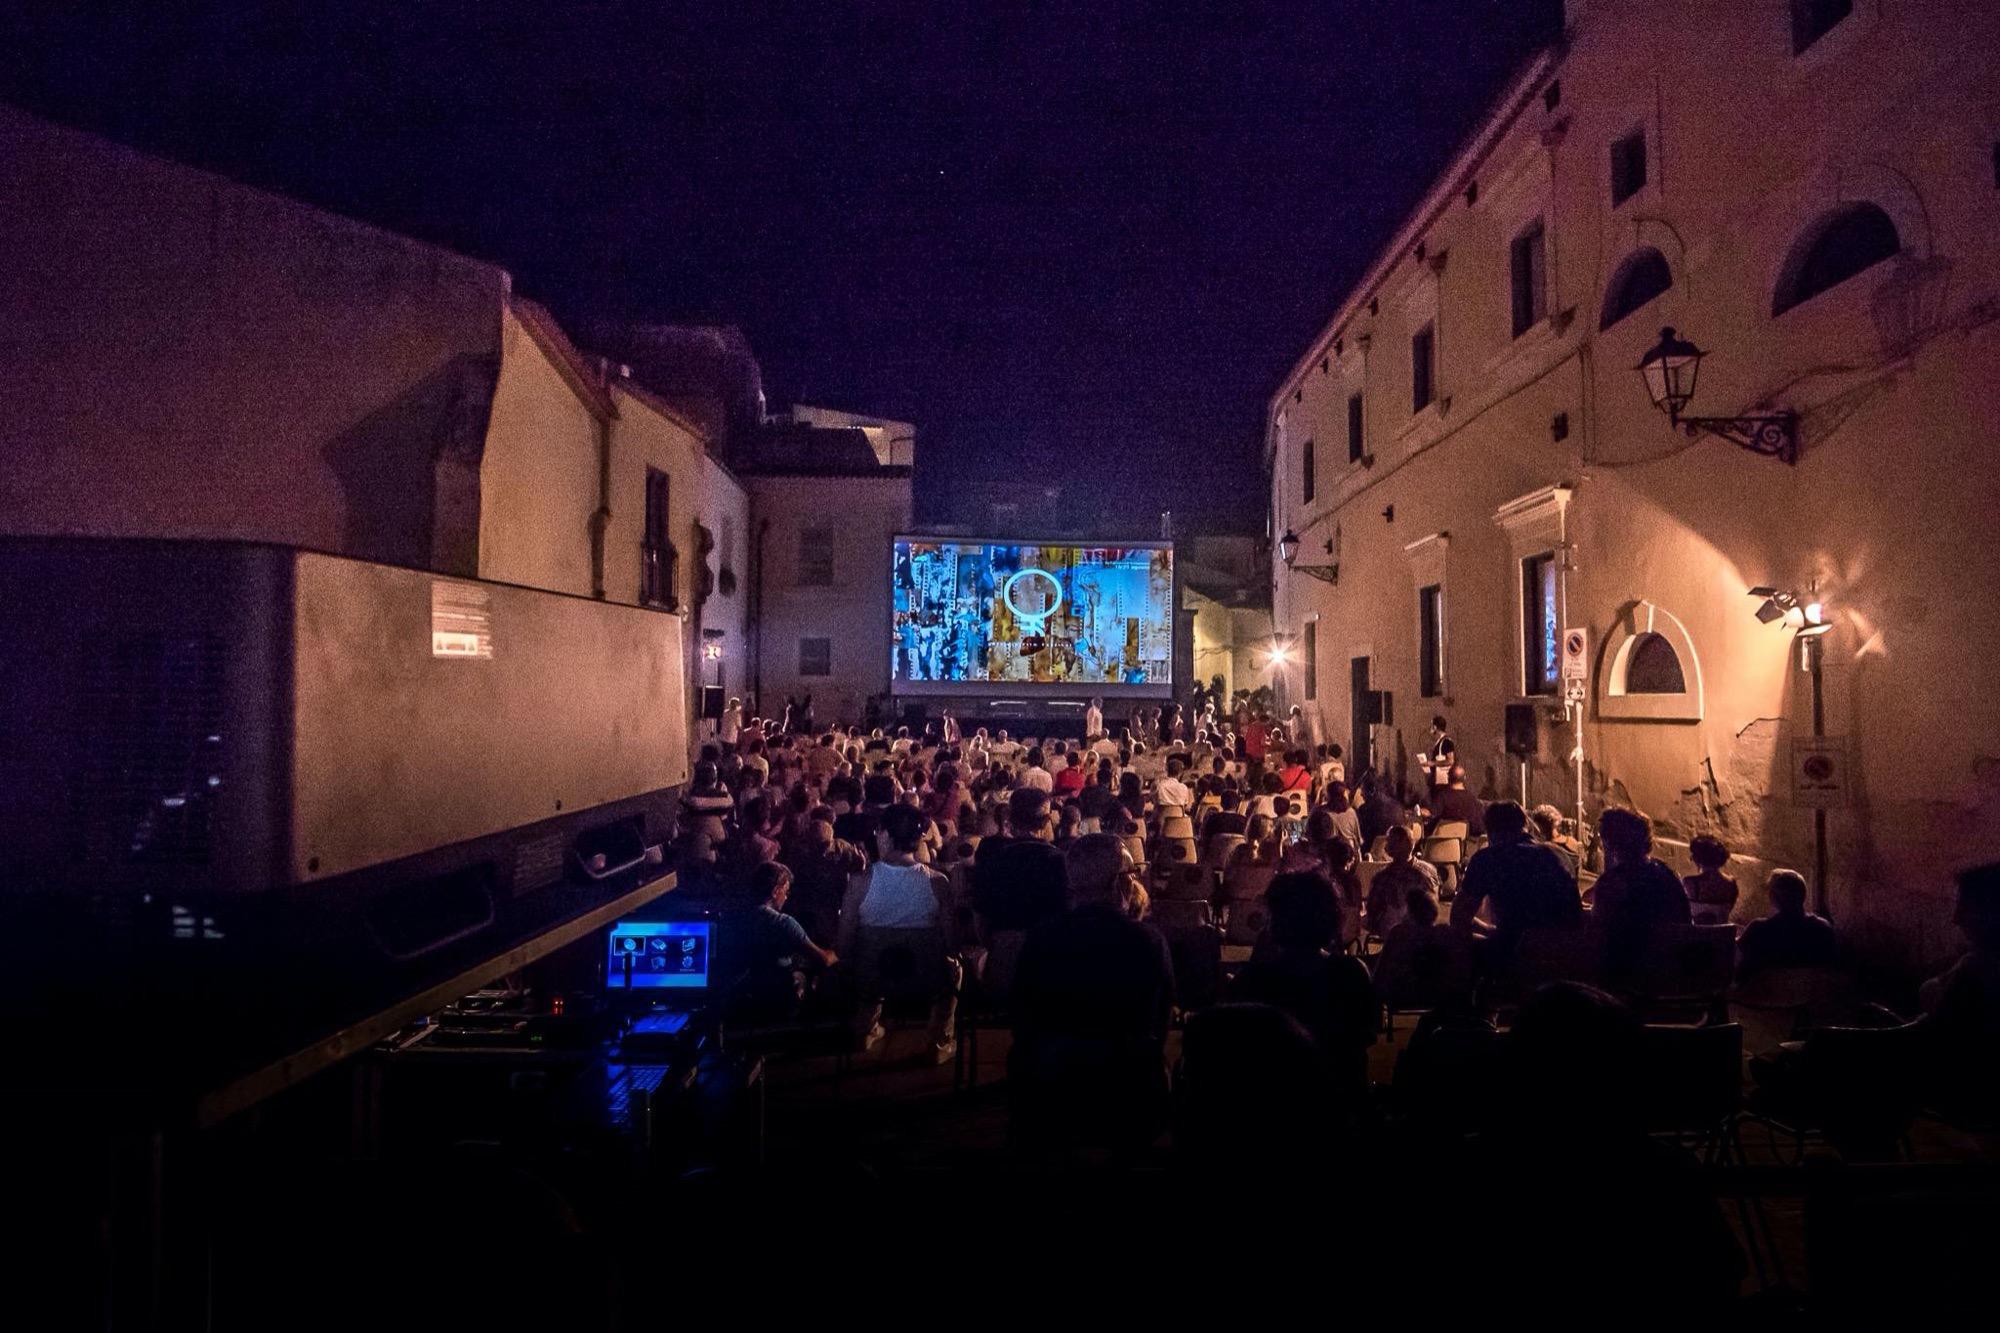 XII edizione dell'Ortigia Film Festival: svelati i documentari in concorso, tra anteprime mondiali e nazionali